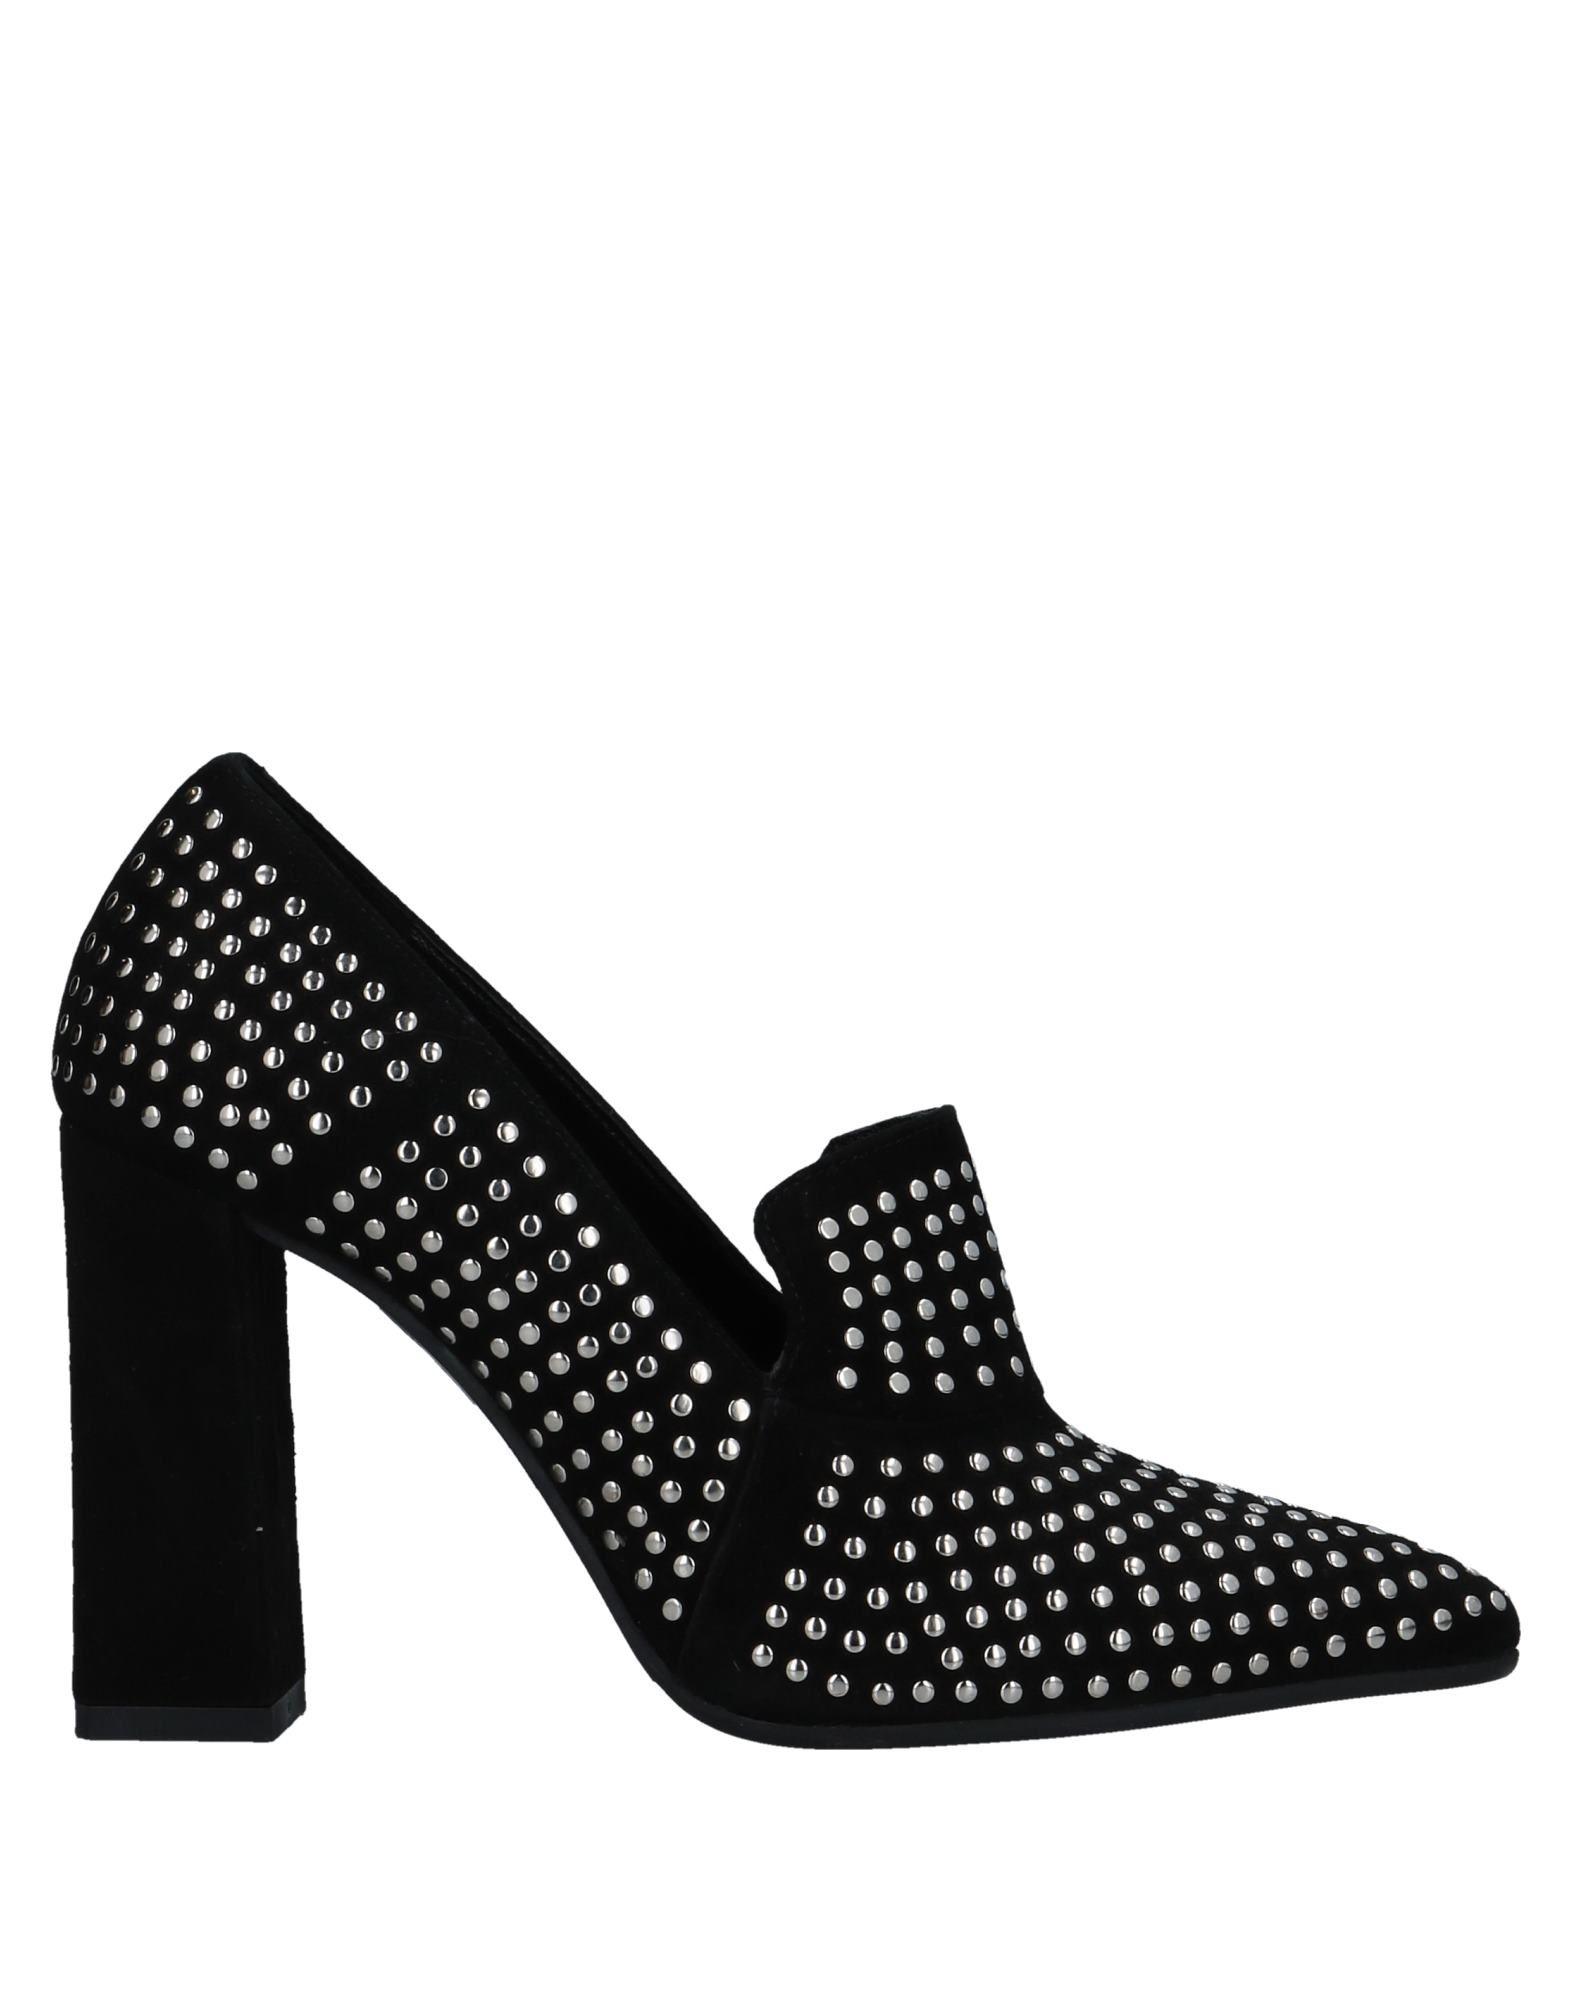 Norah Mokassins Damen Gute  11529448QI Gute Damen Qualität beliebte Schuhe 55f10e